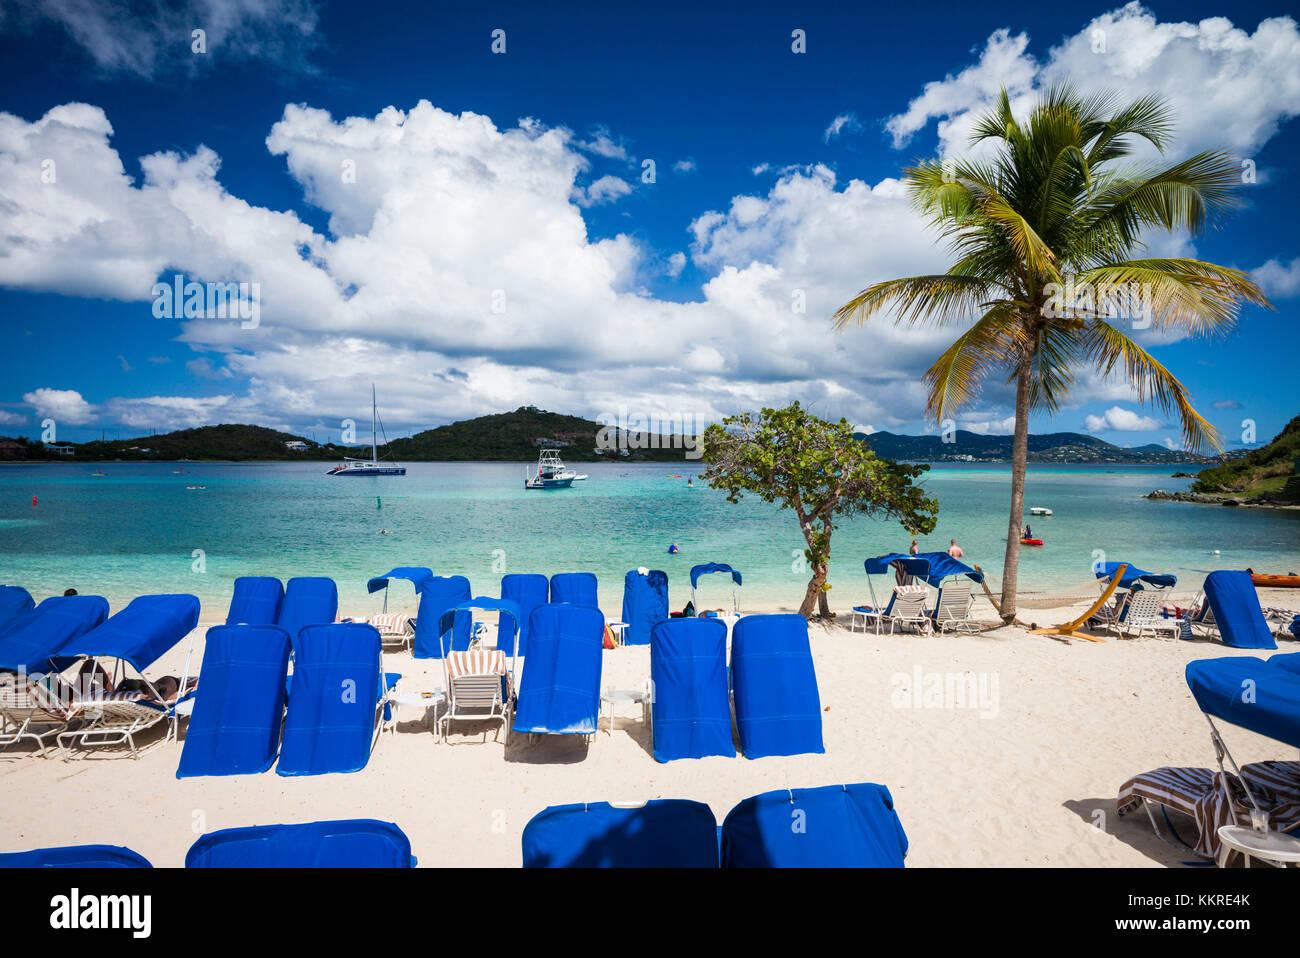 Staples In St Thomas U S Virgin Islands